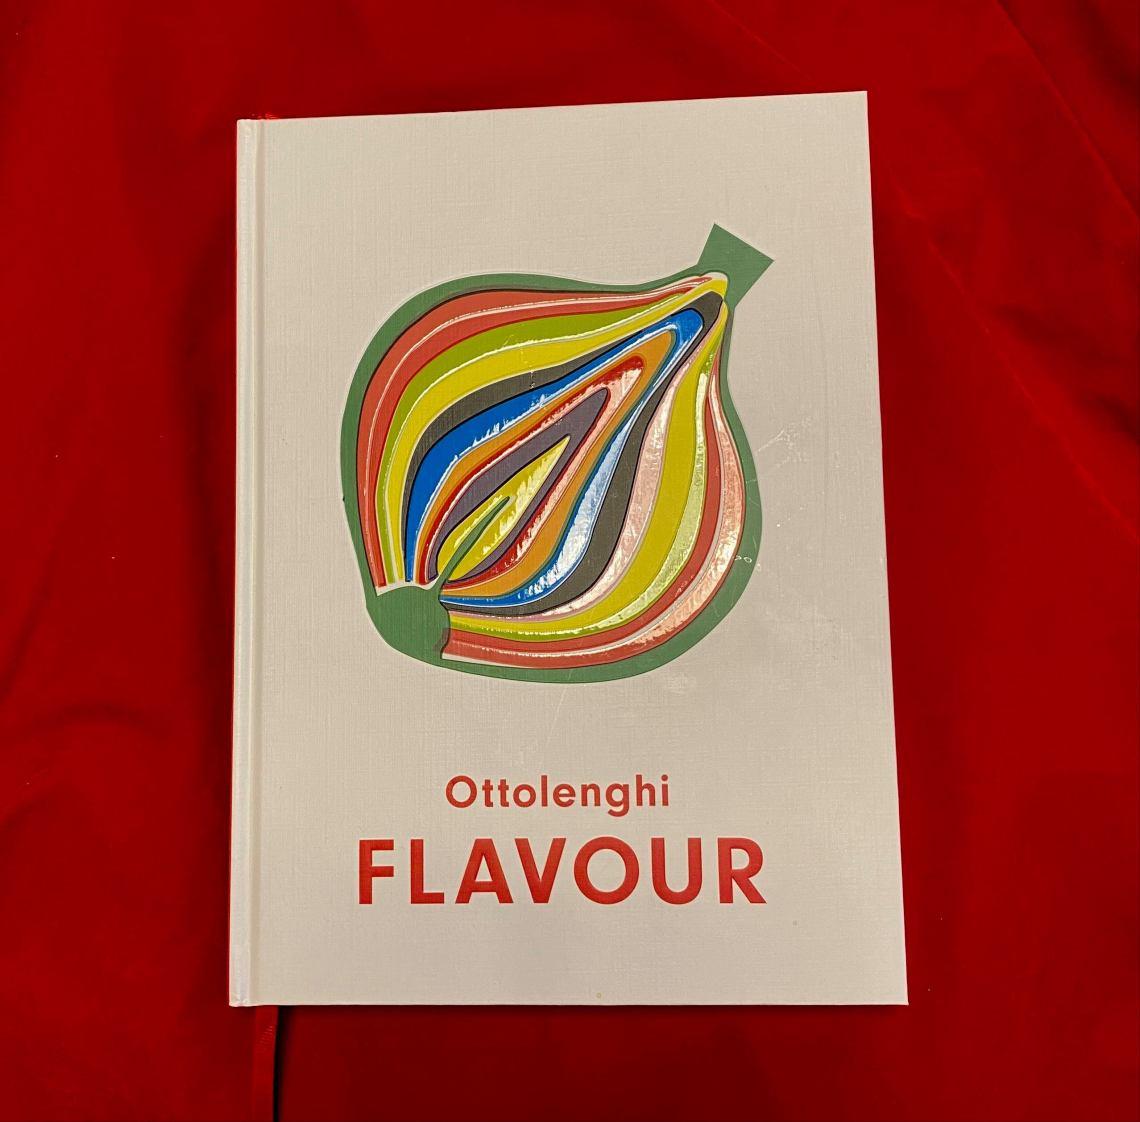 Forsiden til kokeboken Flavour av Ottolenghi